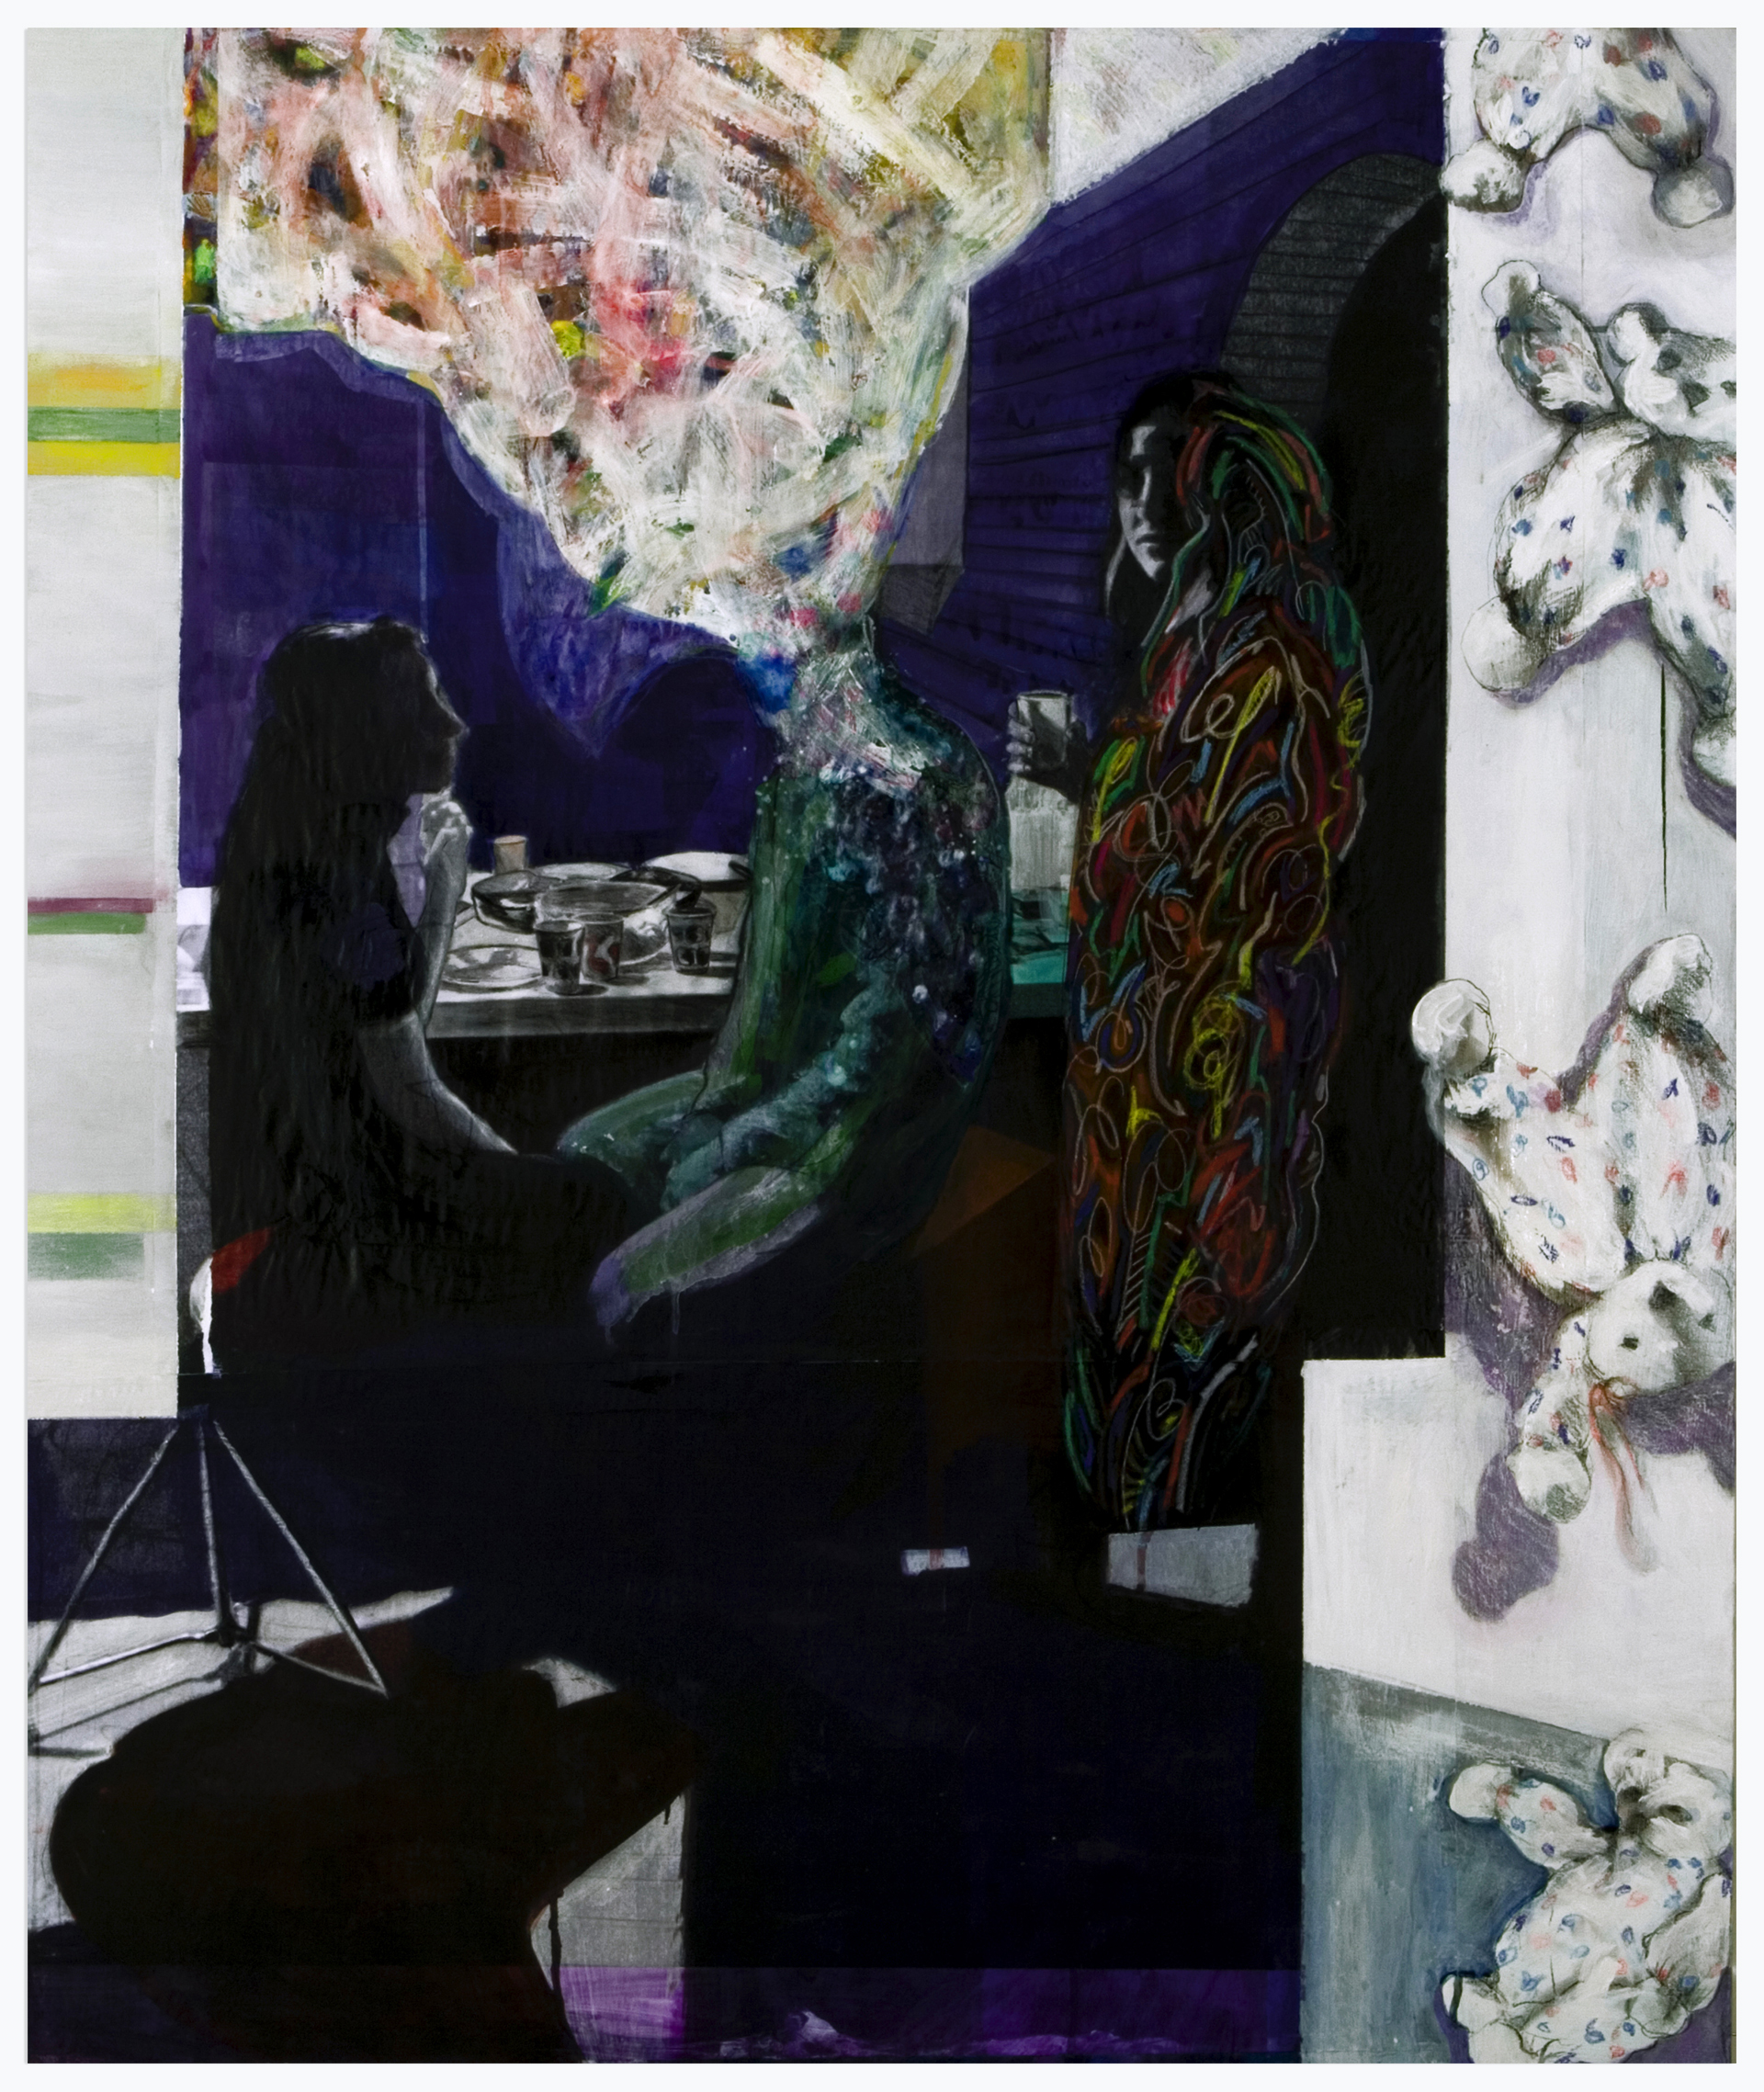 6_Untitled(3) Medusa Series 2010-a